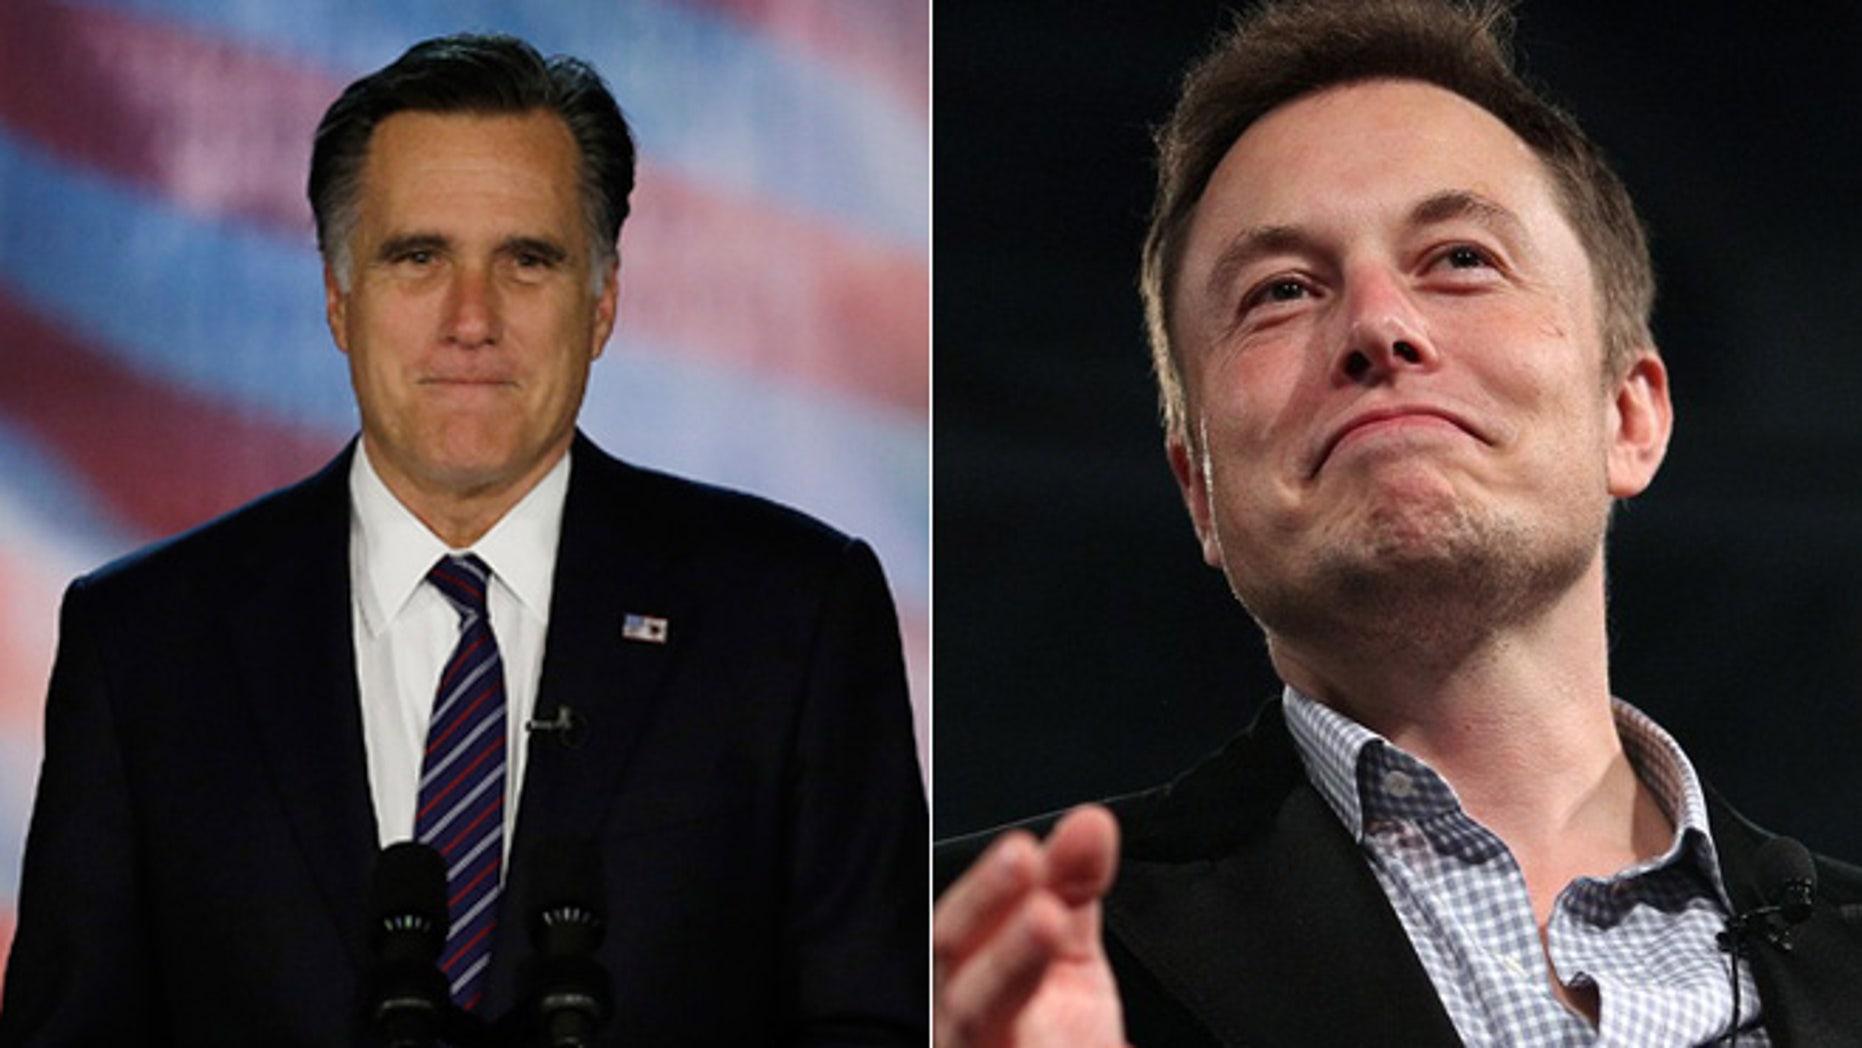 Gov. Mitt Romney/Elon Musk